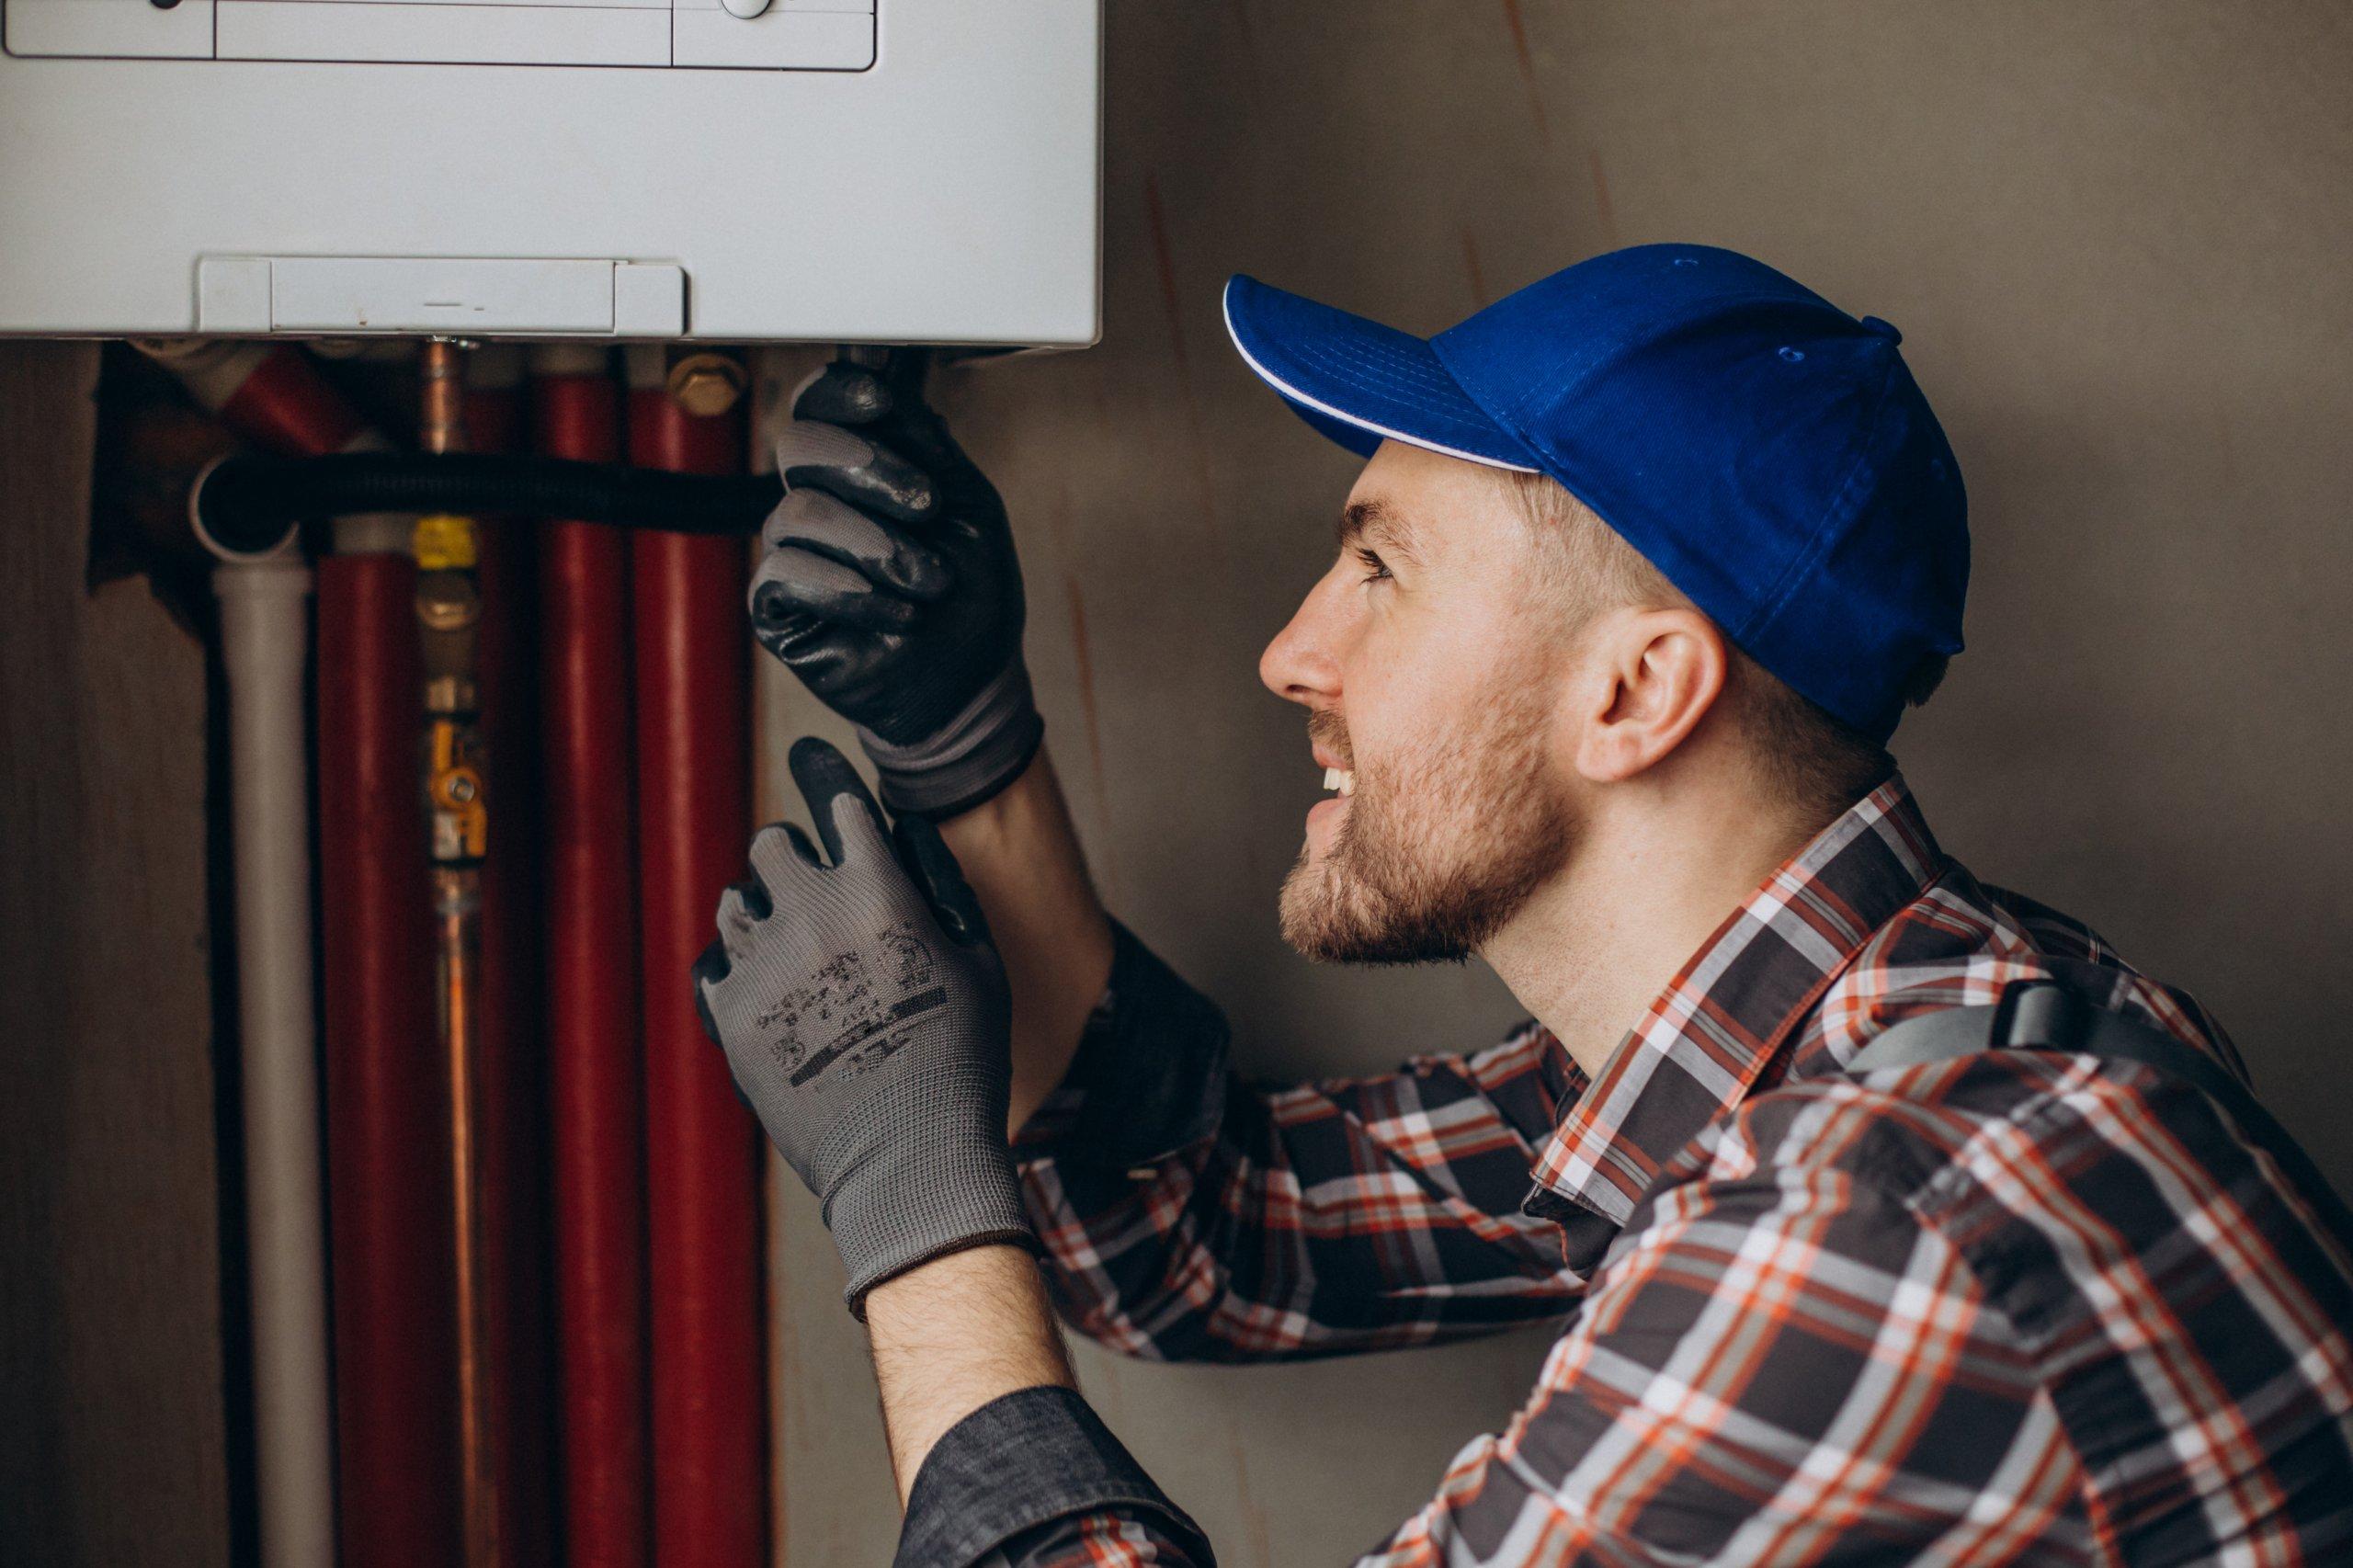 Uskoro se objavljuje Javni poziv za sufinanciranje kupnje kondenzacijskog bojlera: Evo tko će se moći prijaviti